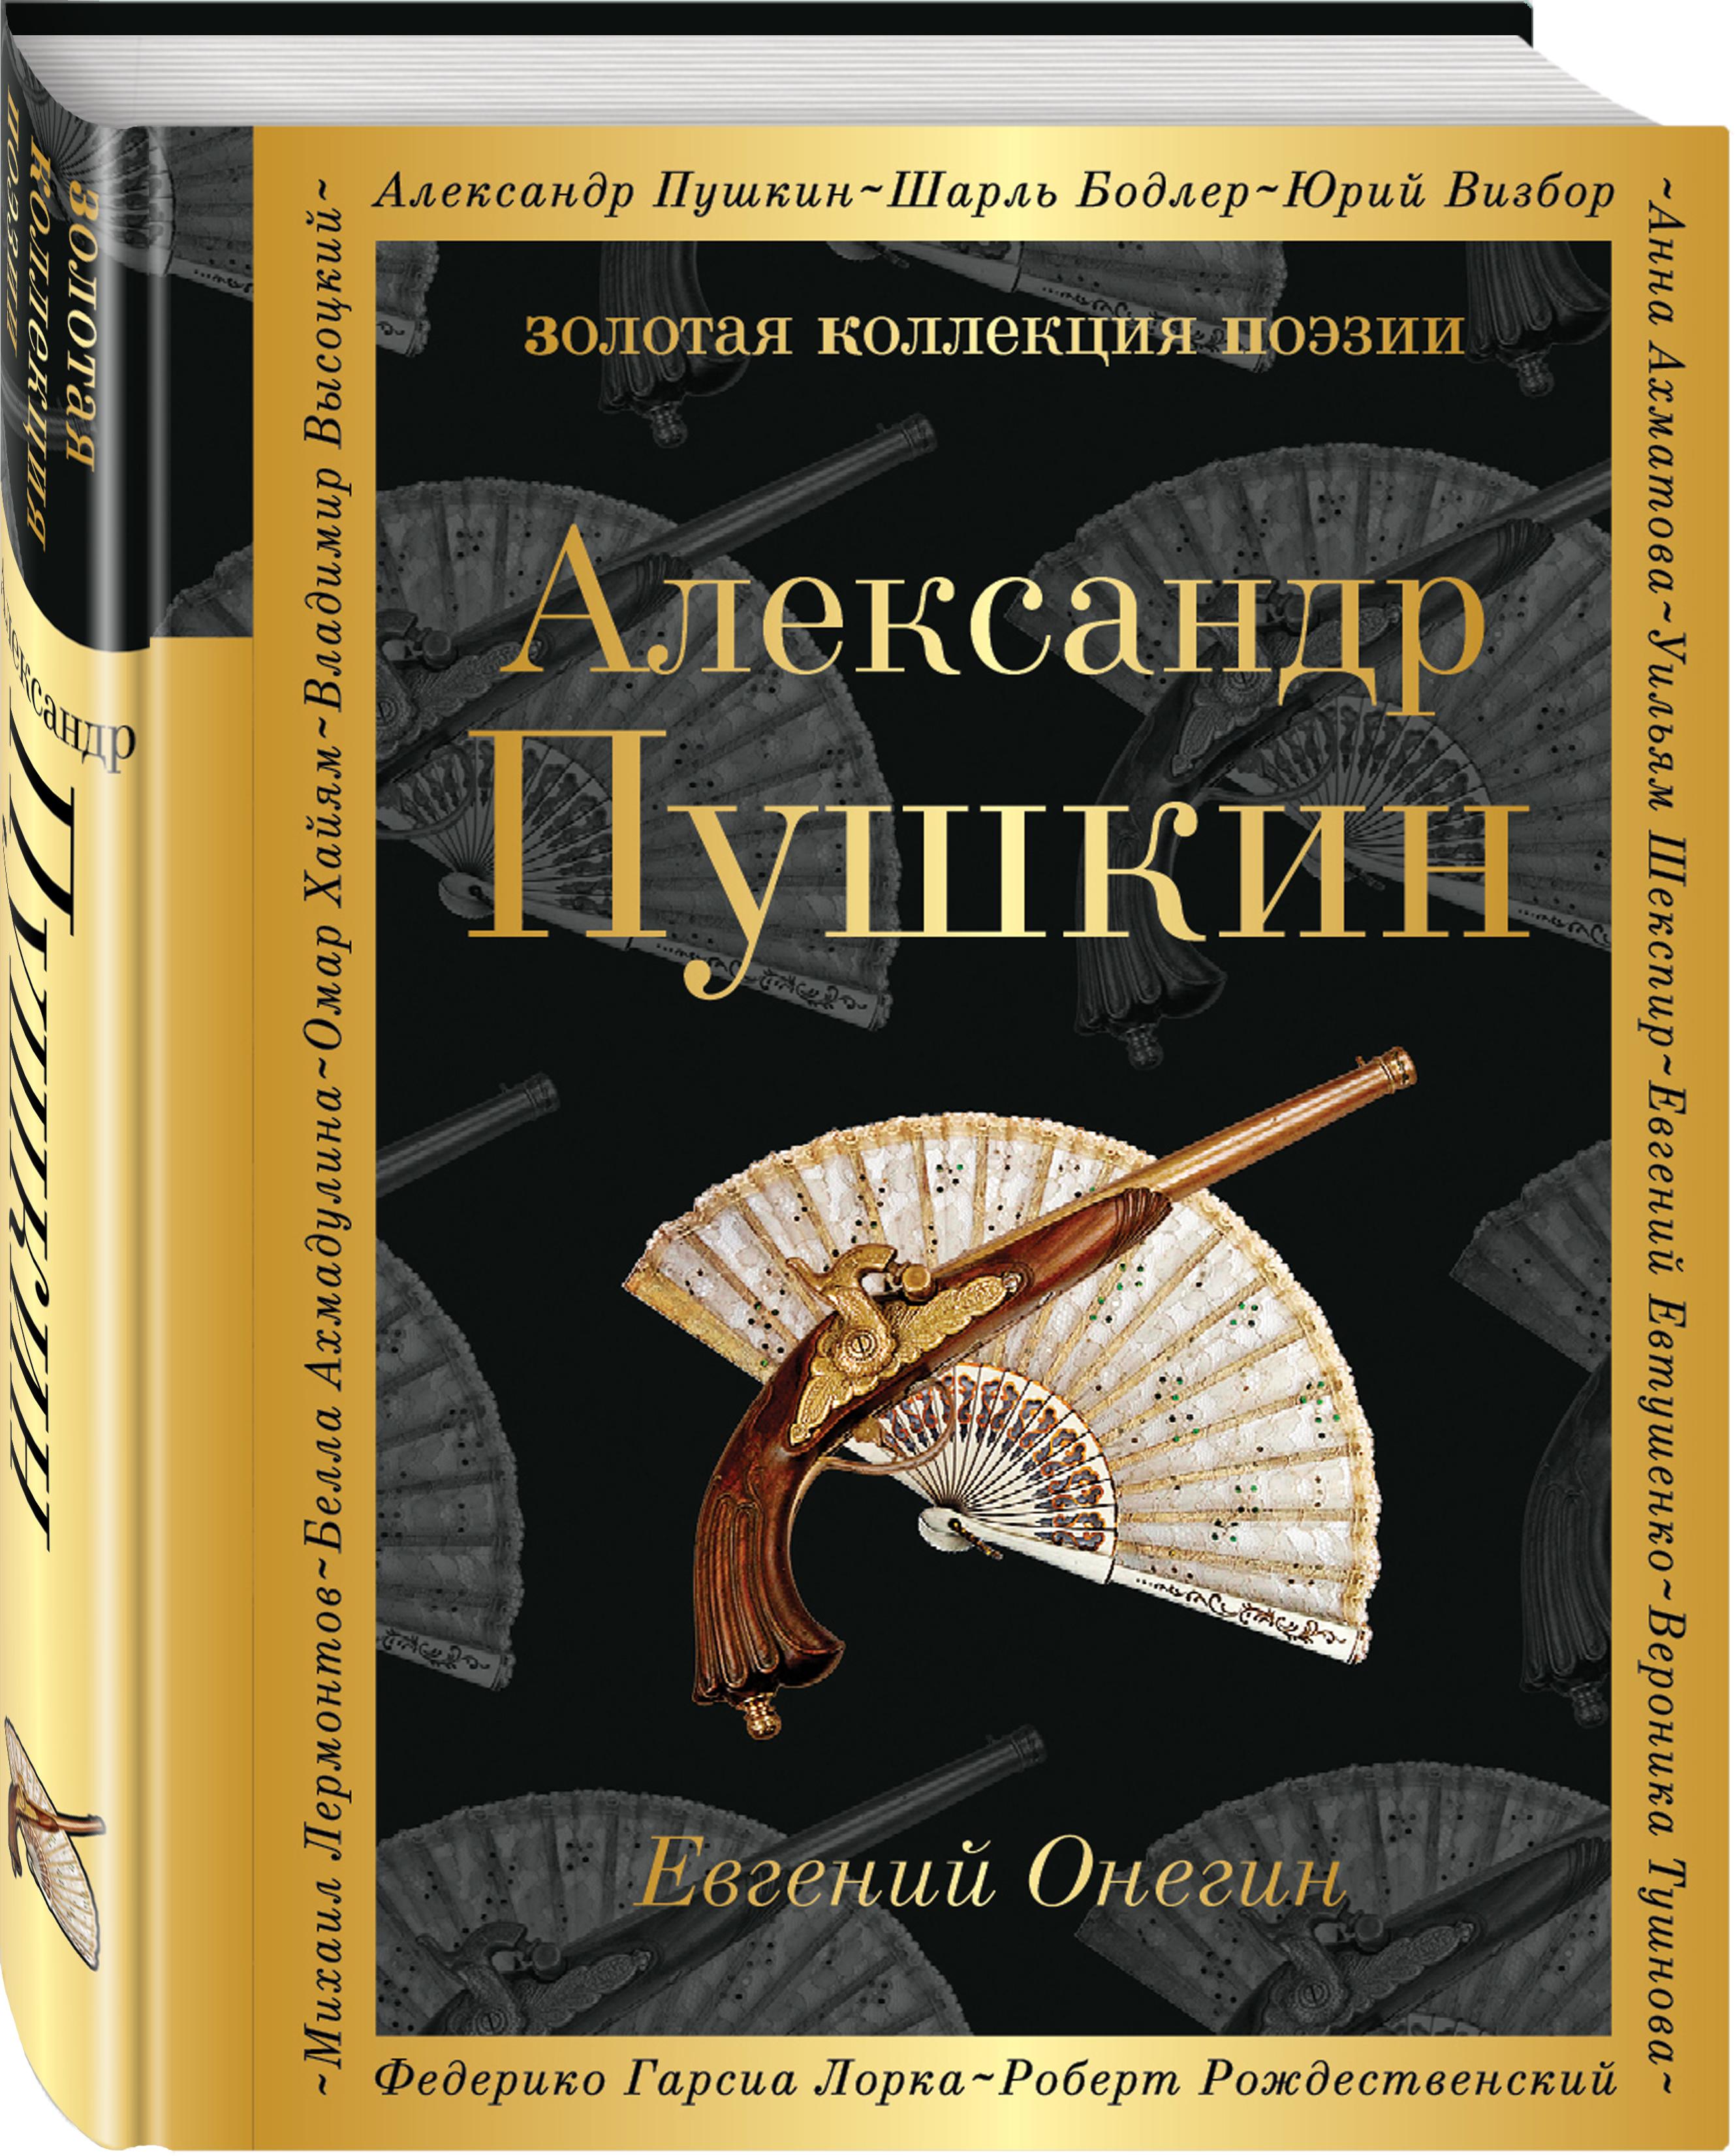 Пушкин А.С. Евгений Онегин билет на автобус пенза белинский